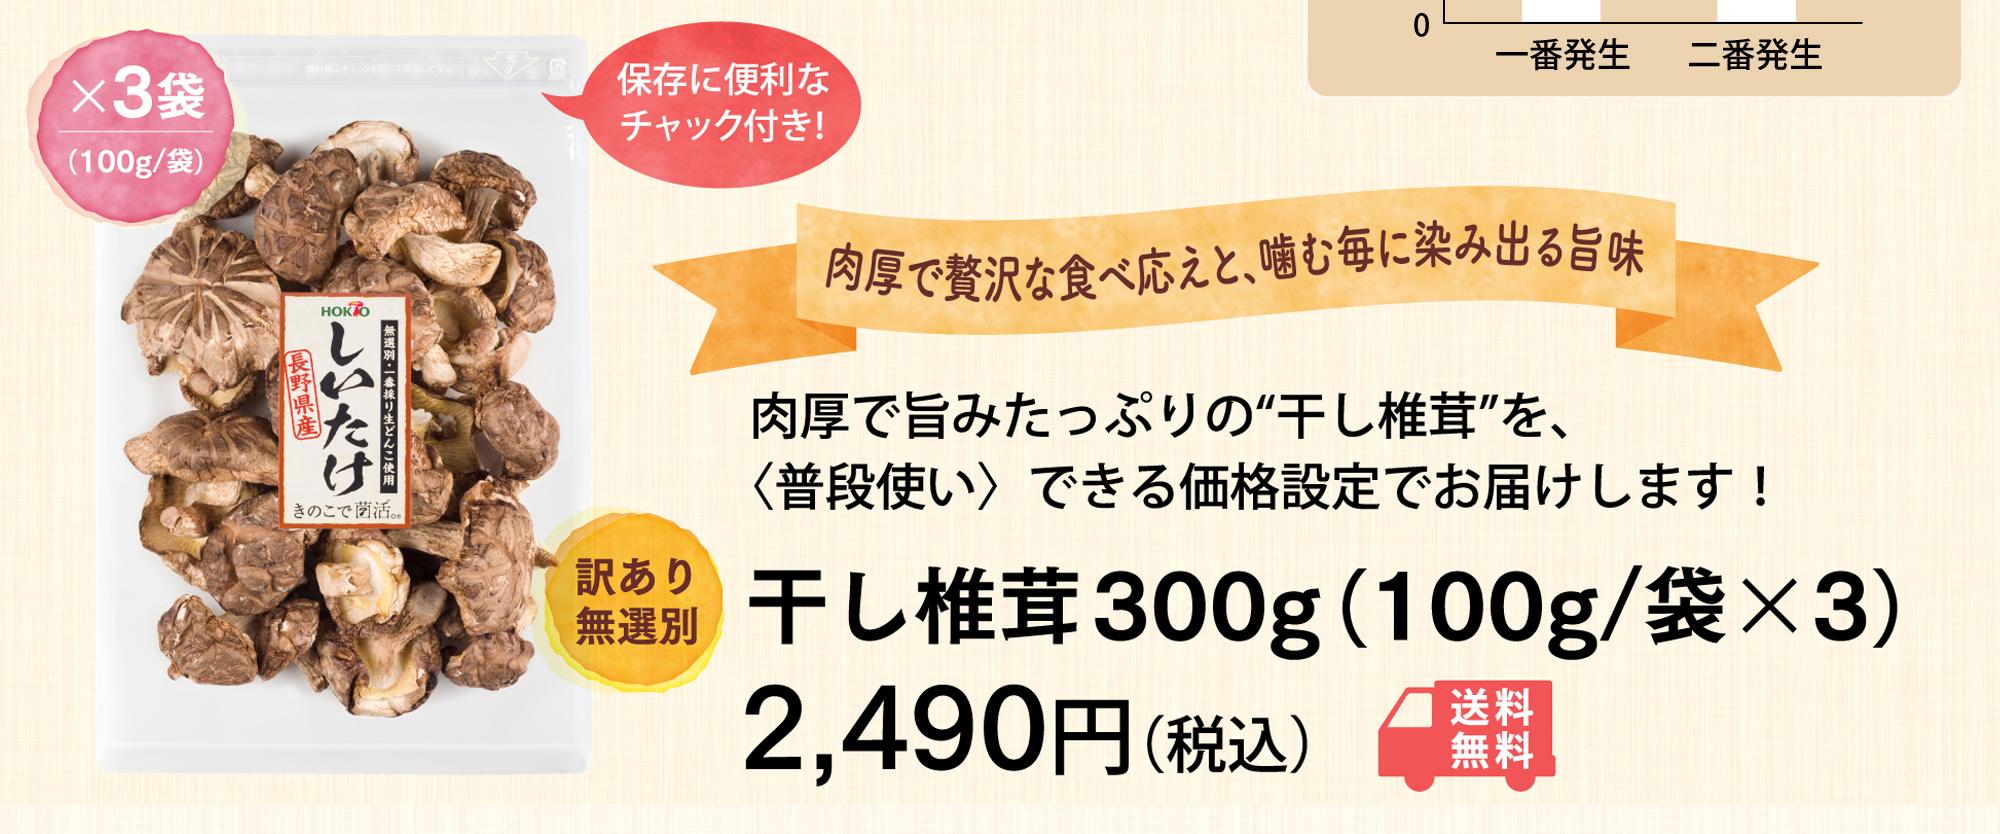 """肉厚で旨みたっぷりの""""干し椎茸""""を、〈普段使い〉できる価格設定でお届けします! 干し椎茸300g(100g/袋x3)2,940円(税込)"""